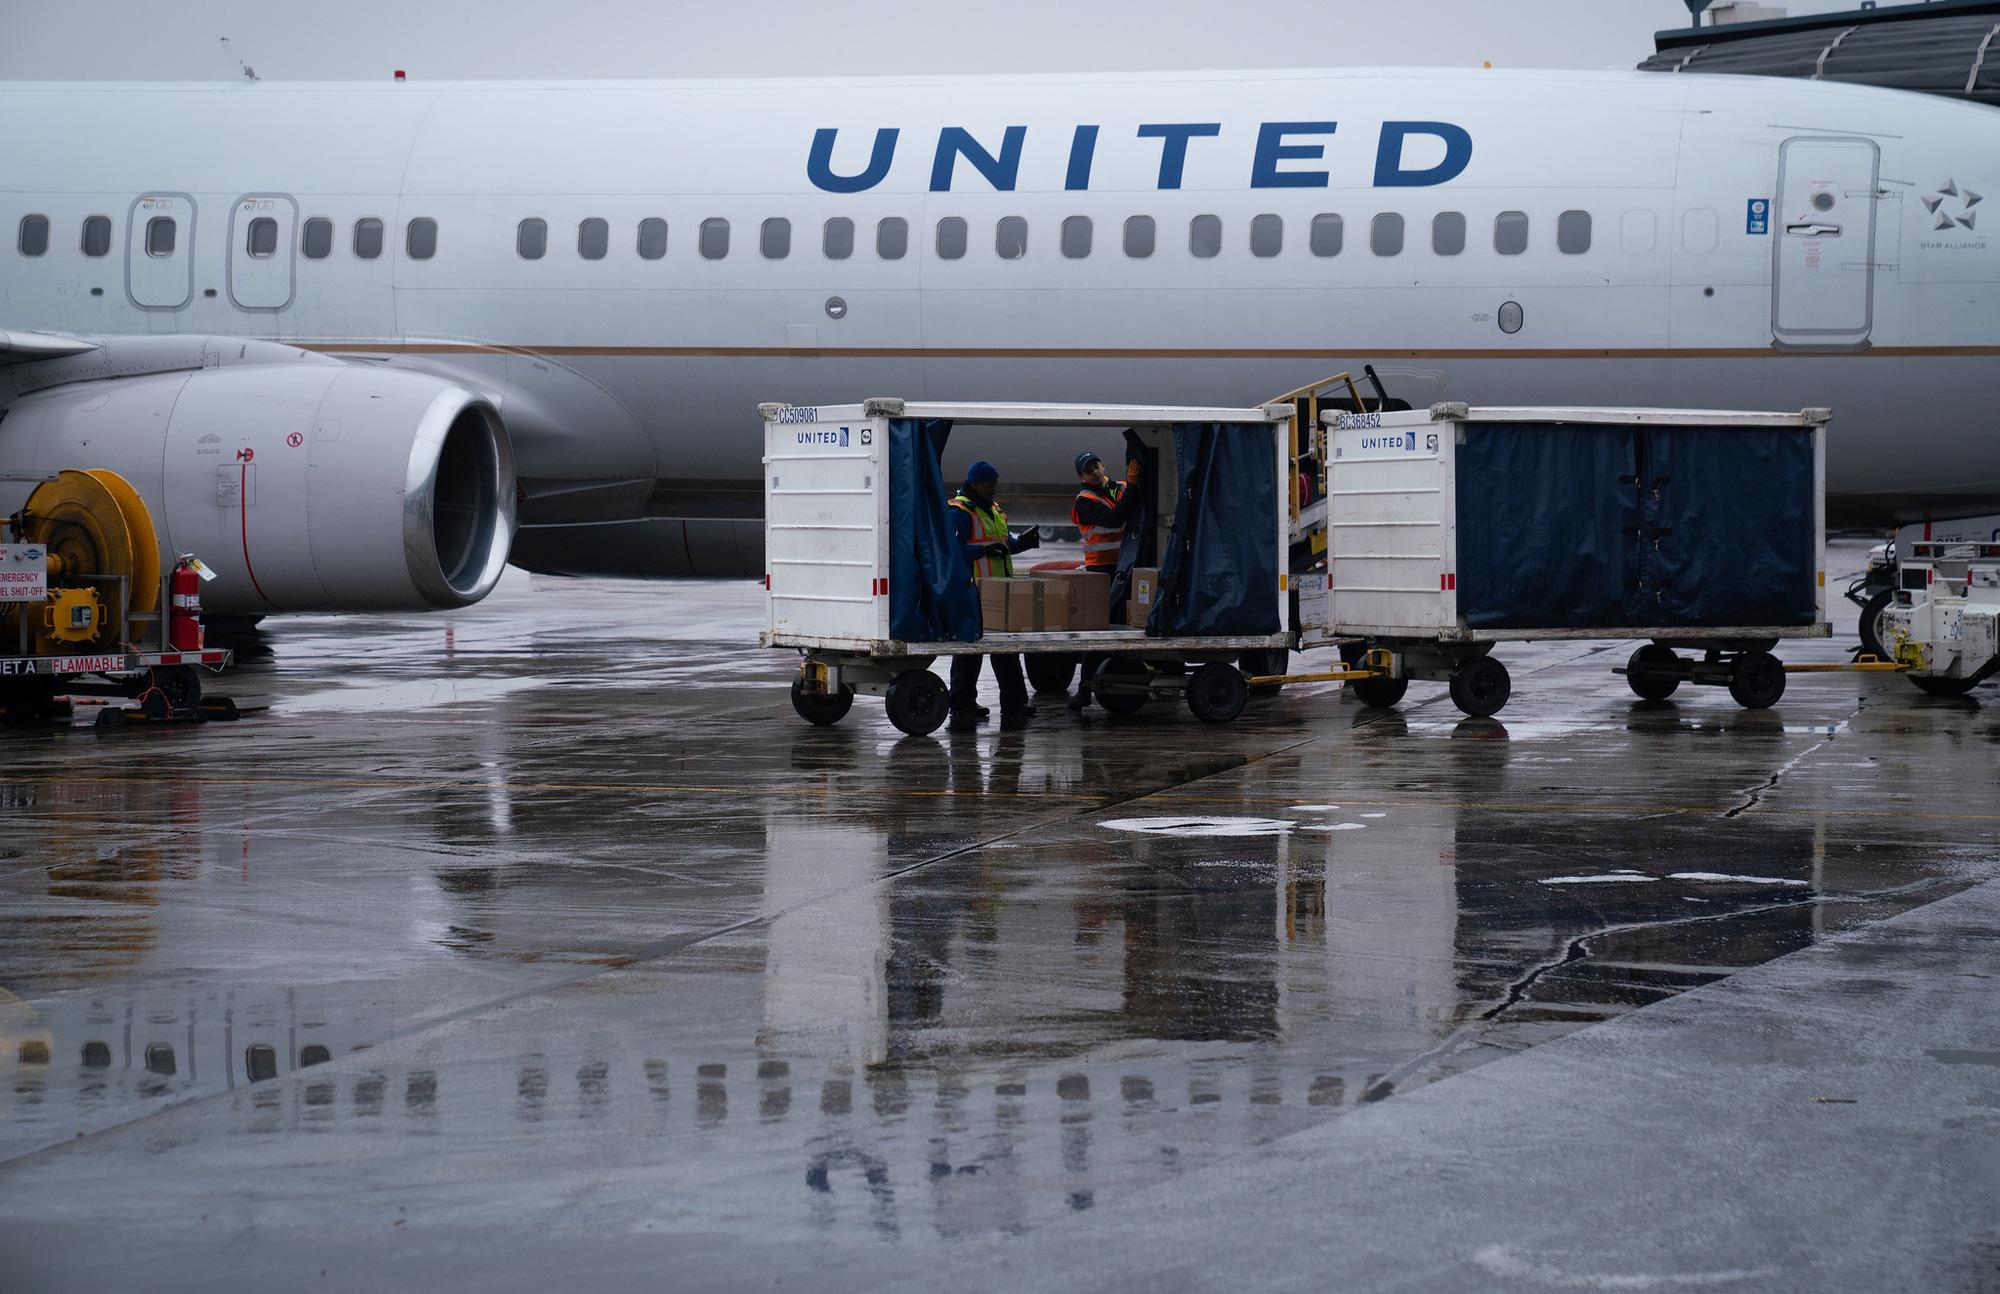 Máy bay nhiều hãng đắp chiếu, chính phủ các nước châu Á cần hỗ trợ ngành hàng không ngay lập tức - Ảnh 2.